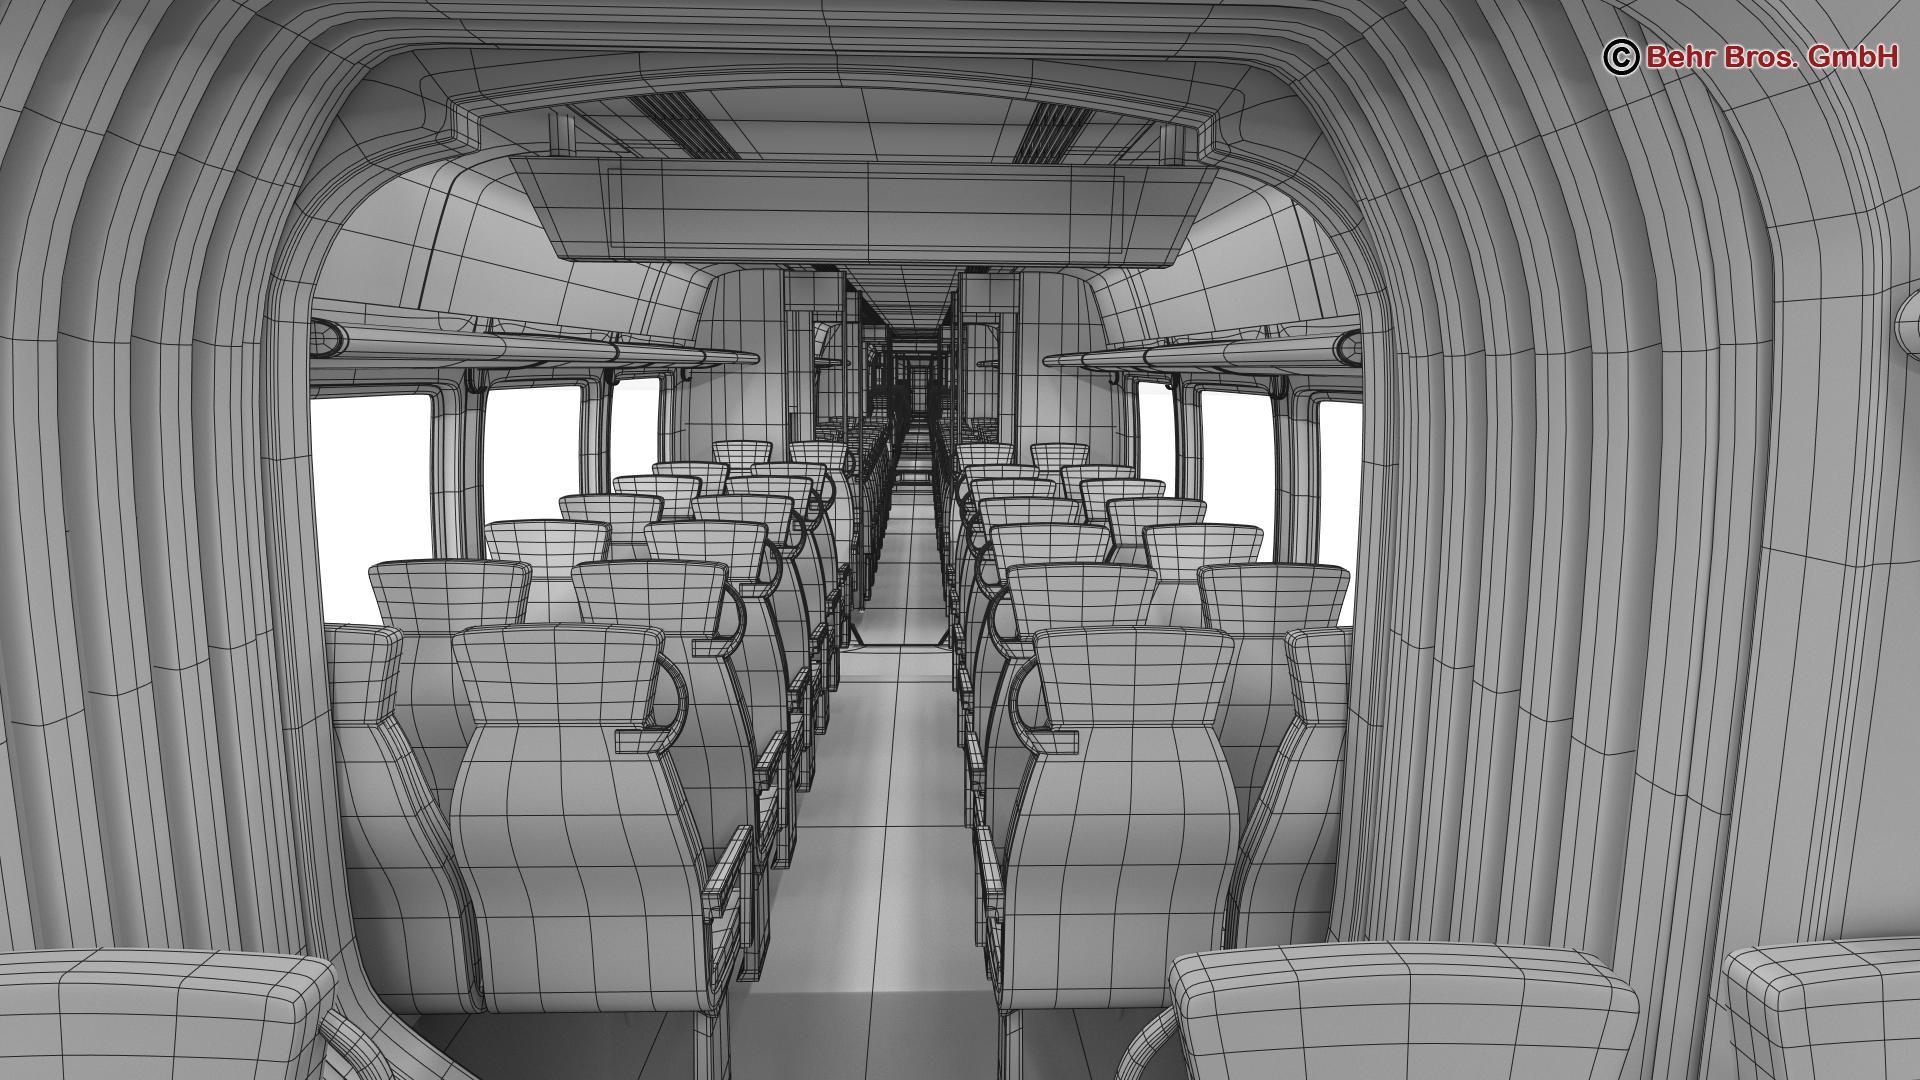 generic commuter train 3d model 3ds max fbx c4d ma mb obj 206656